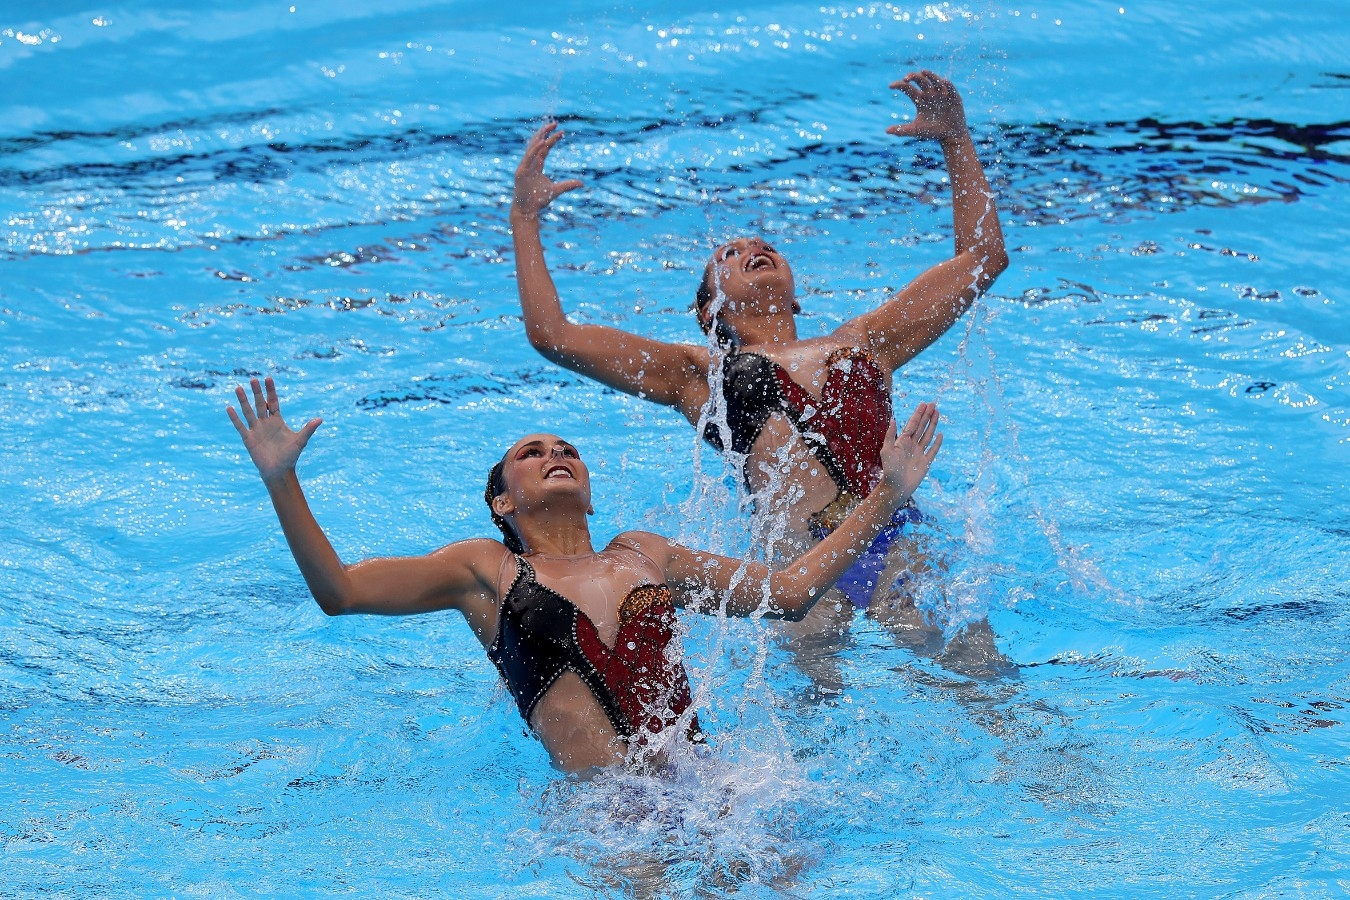 Luisa Borges, Maria Clara. Campeonato Mundial de Desportos Aquaticos. City Park - Varosliget Lake . 14 de Julho de 2017, Hungria, Budapeste. Foto: Satiro Sodré/SSPress/CBDA